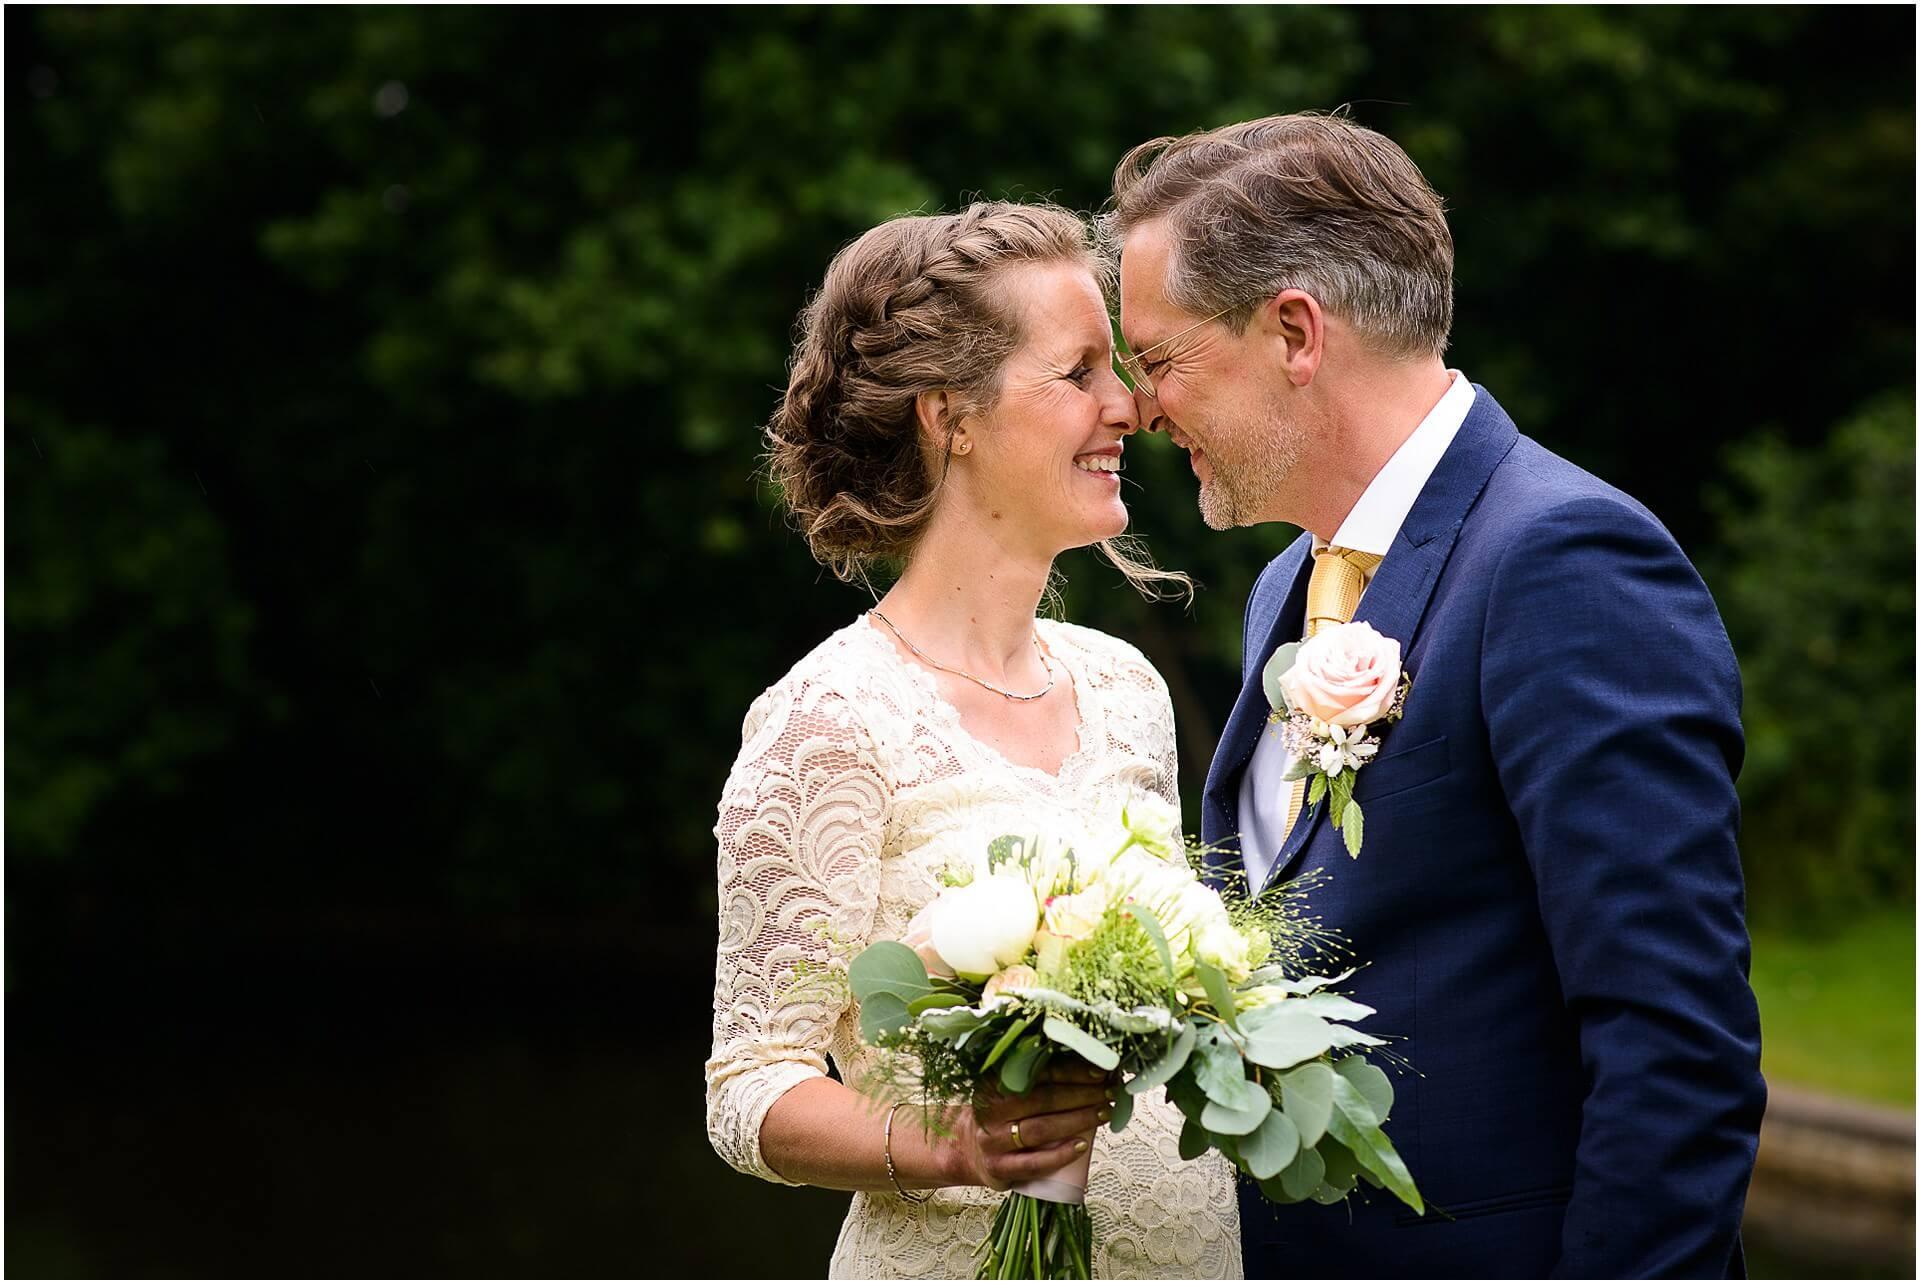 Bruidsfotografie Raadhuis Vught en feesten in eigen tuin door bruidsfotograaf Sandy Peters_0006.jpg